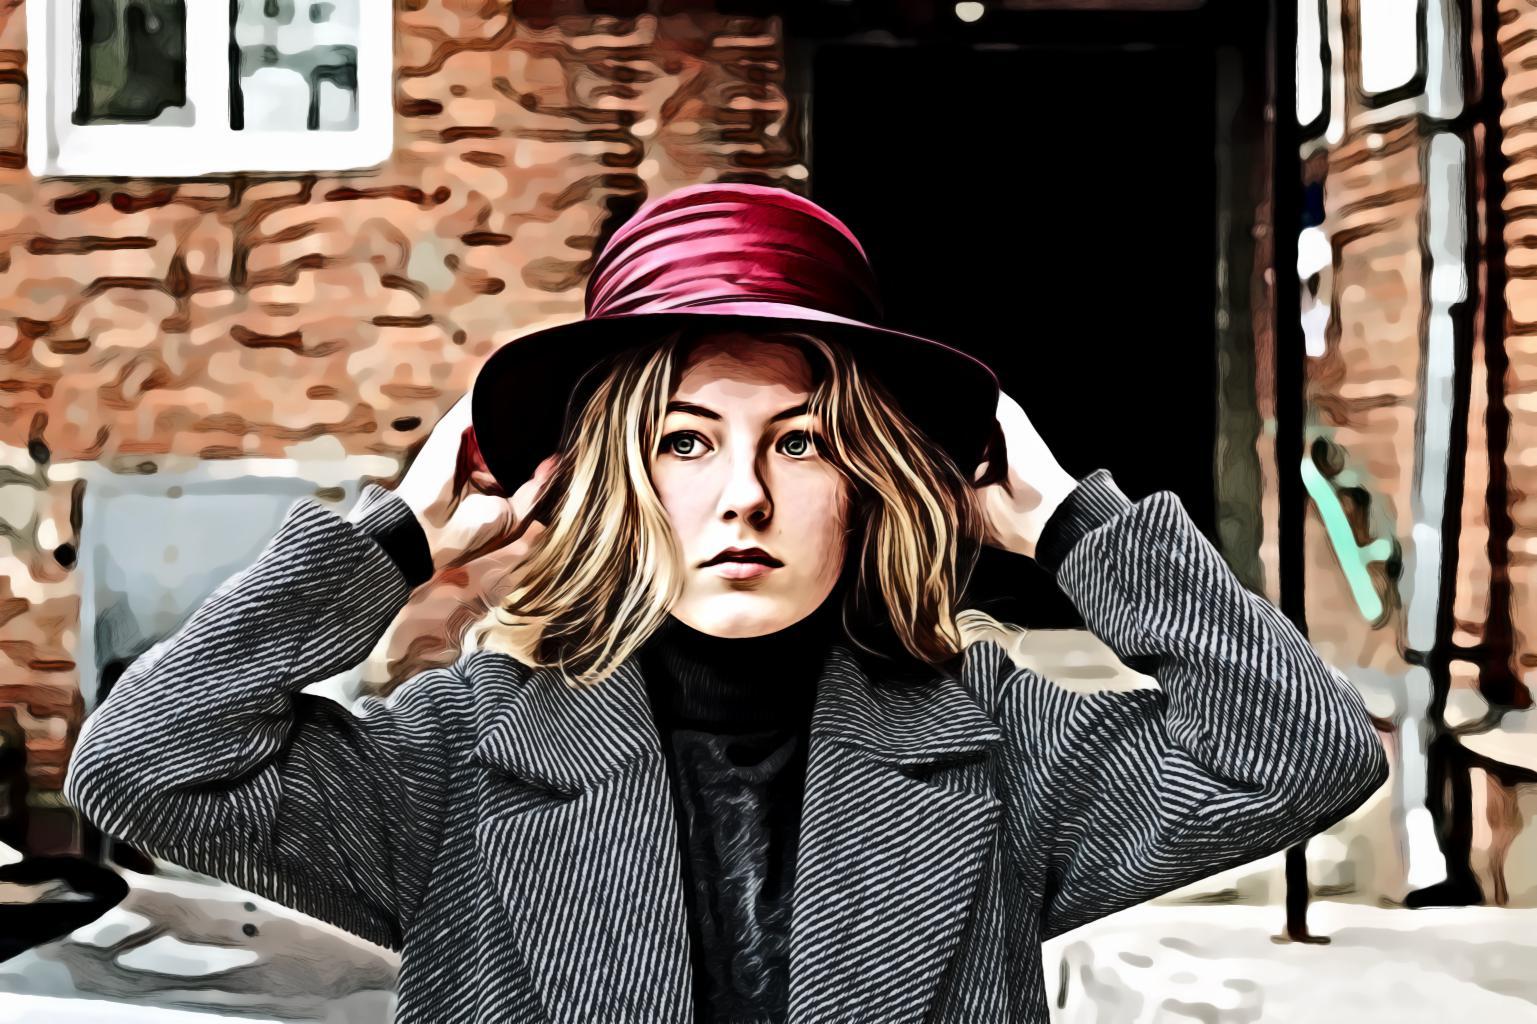 Woman Wearing Purple Hat